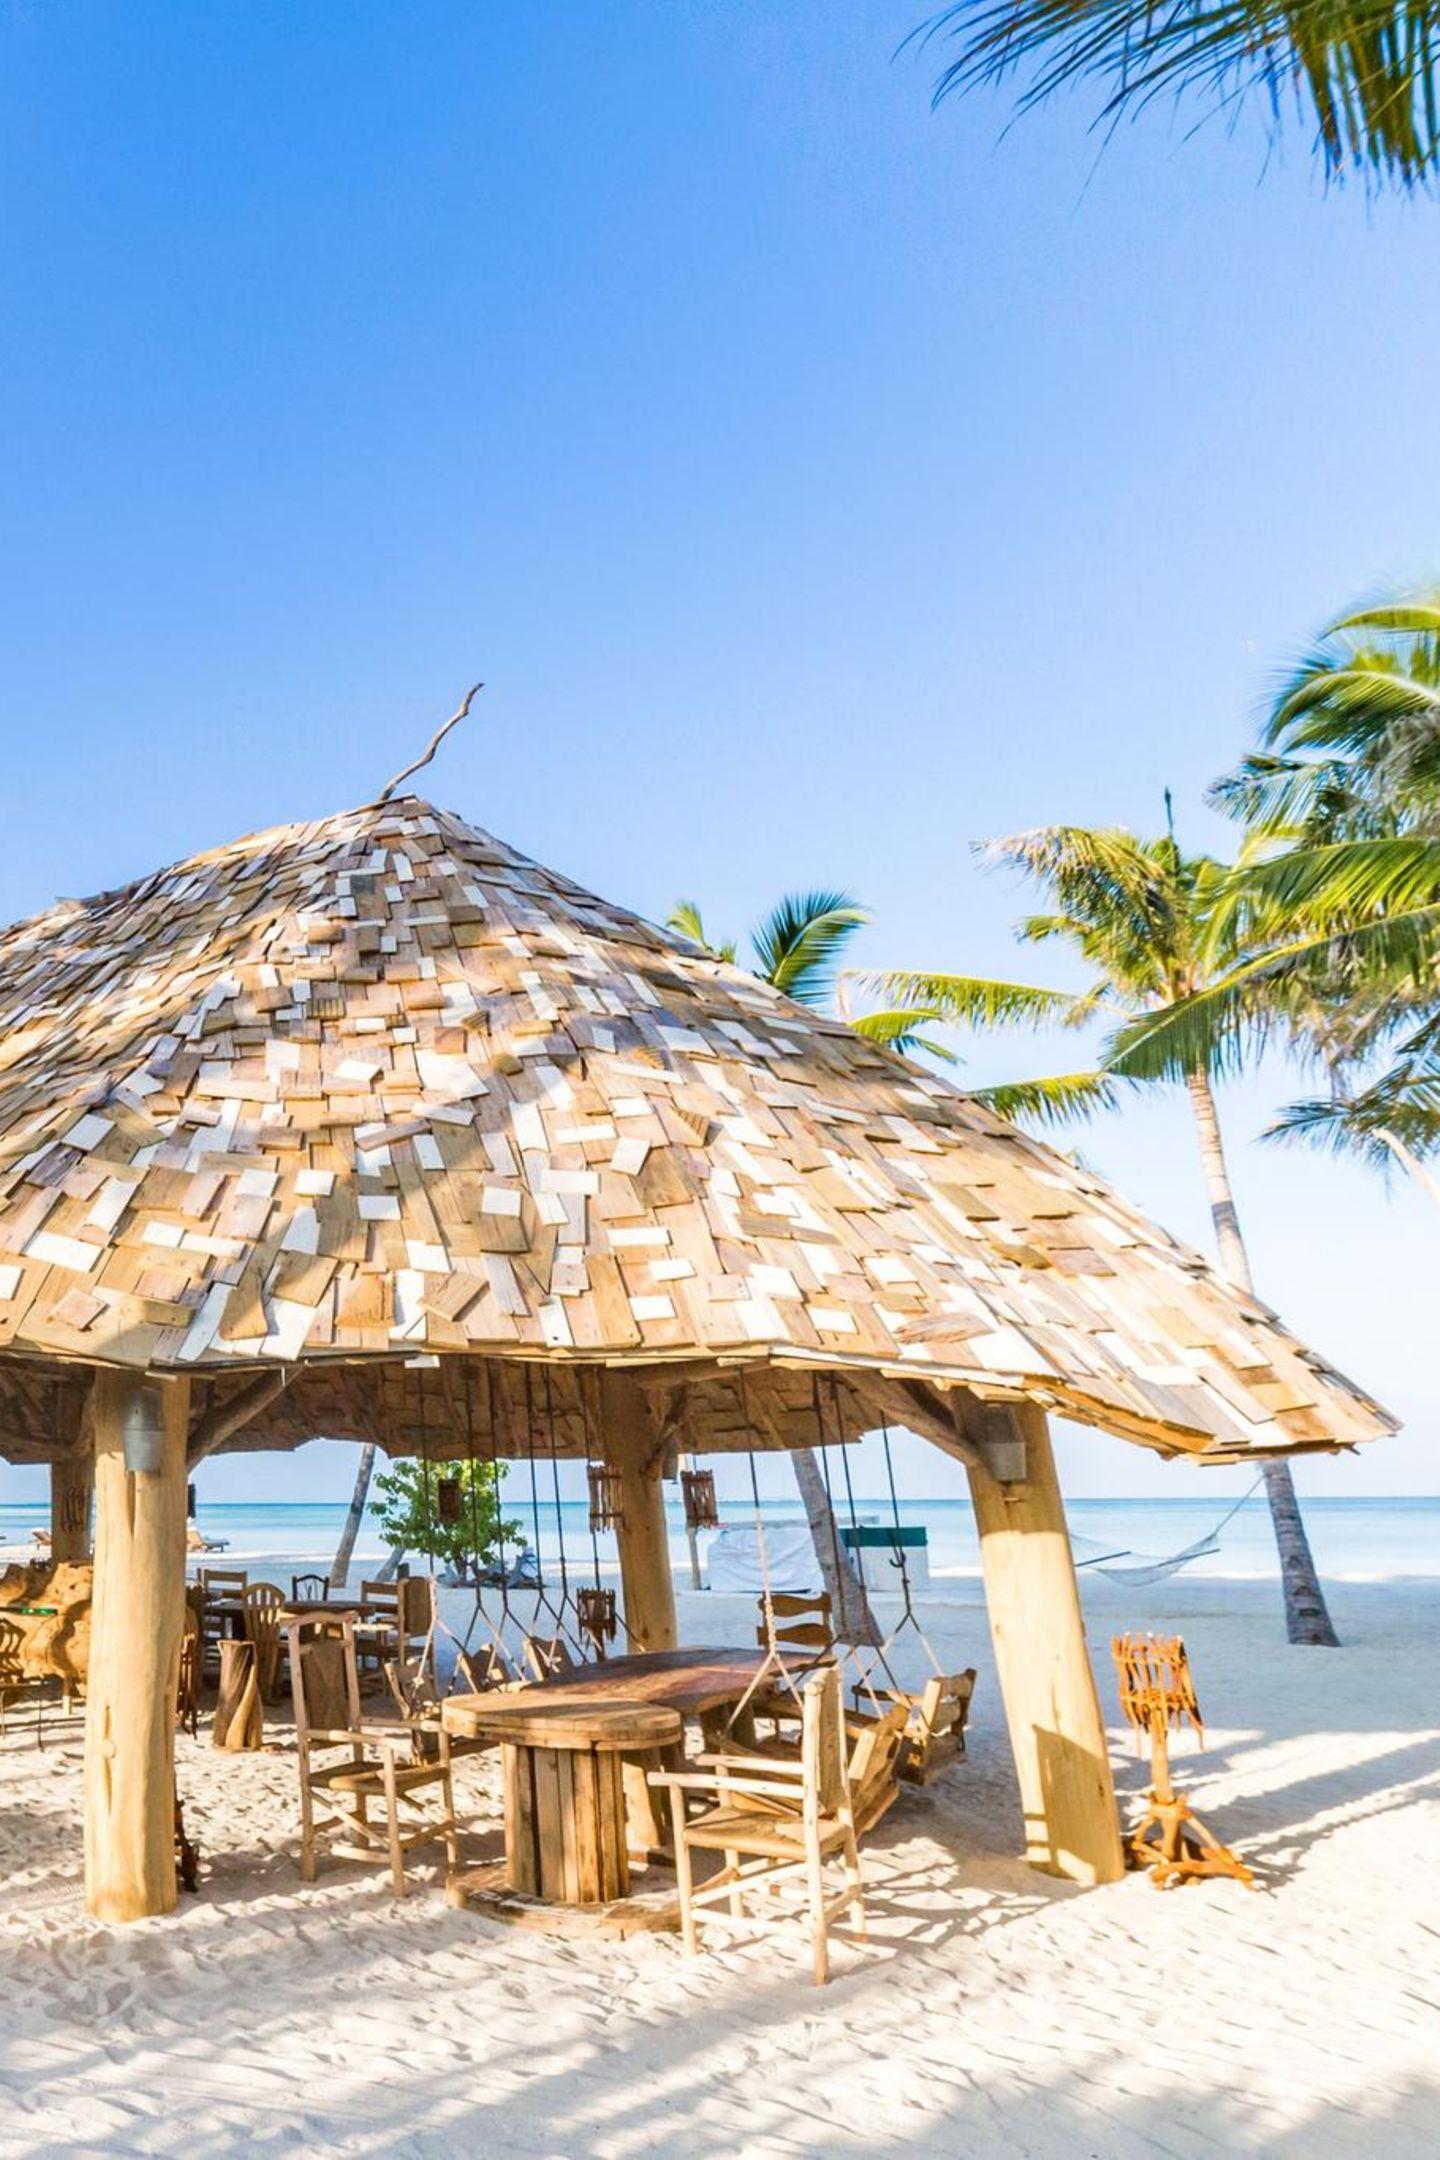 """Paradies unter PalmenAuf zwei Etagenerwartet die Gäste des Soneva Jani Resorts einà-la-Carte-Restaurant inklusiveBar mit Traumblick. Verschiedenste Krabbensorten werden frisch zubereitet und begeistern die ganze Familie. """"The Crab Shack"""" imSoneva Jani, Malediven"""